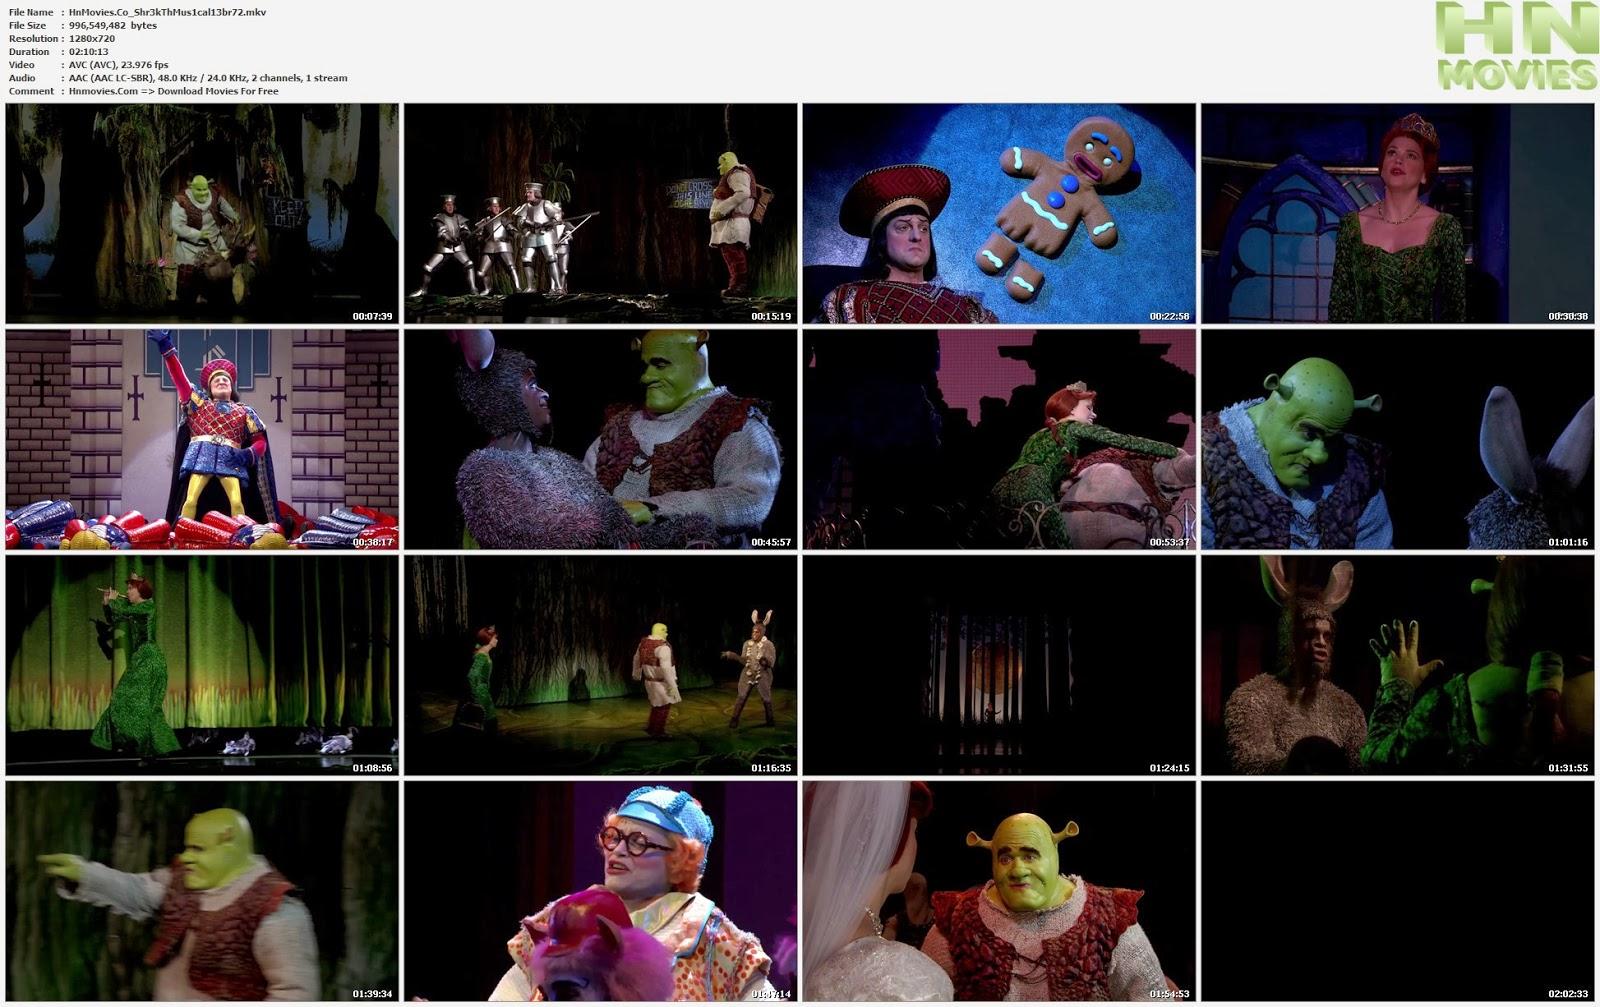 movie screenshot of Shrek the Musical fdmovie.com